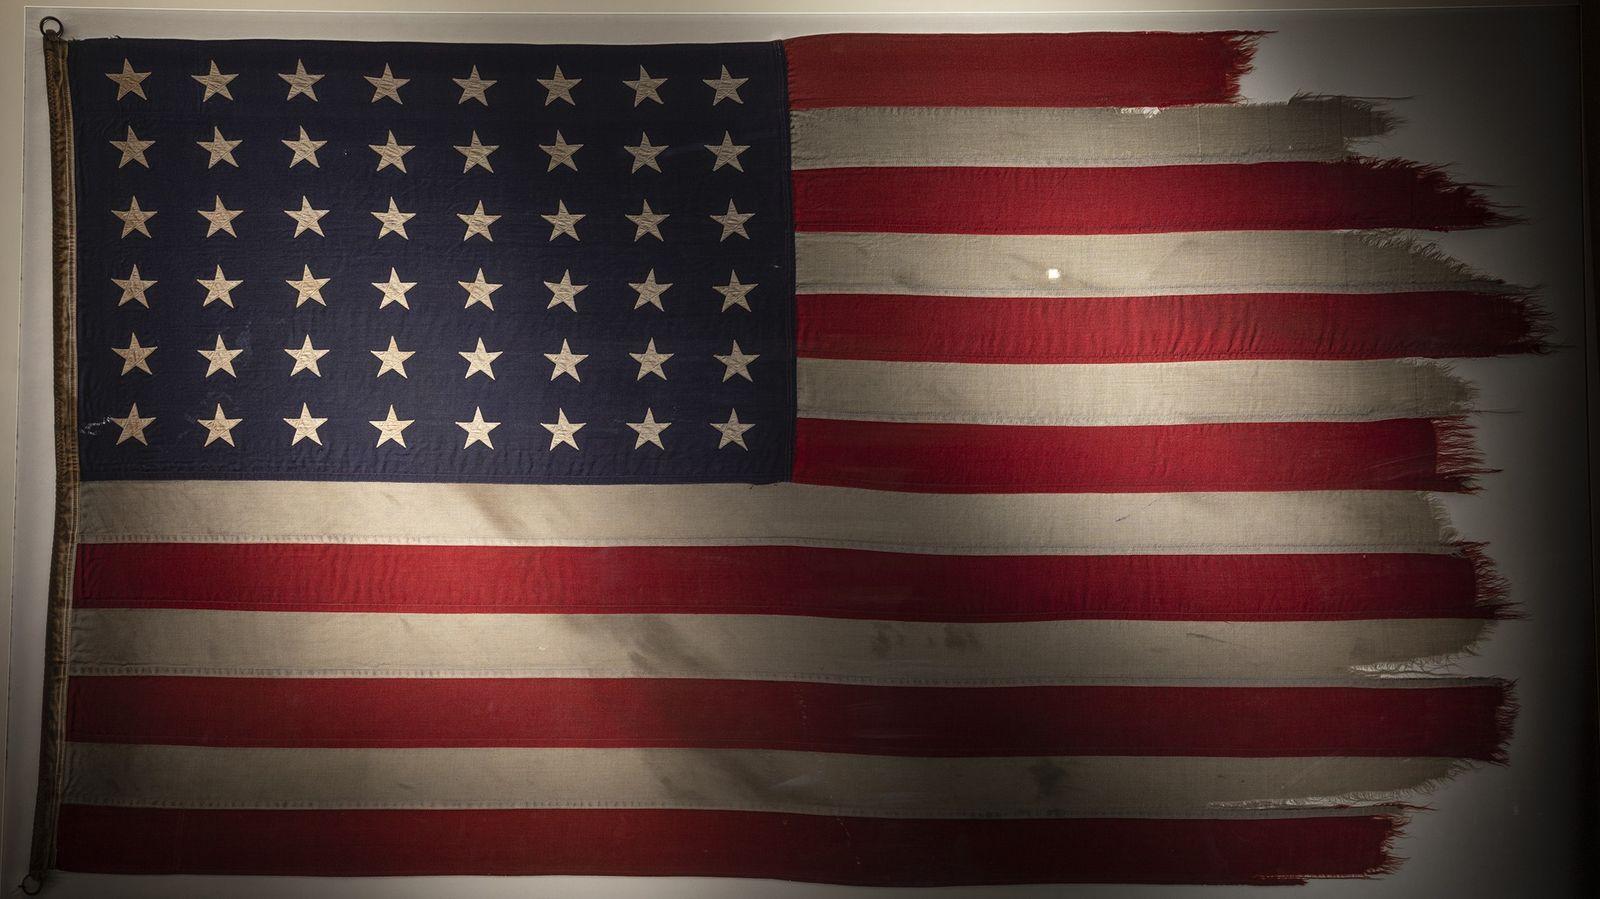 Para homenagear o 75º aniversário da Batalha de Iwo Jima, a bandeira que ficou famosa na ...